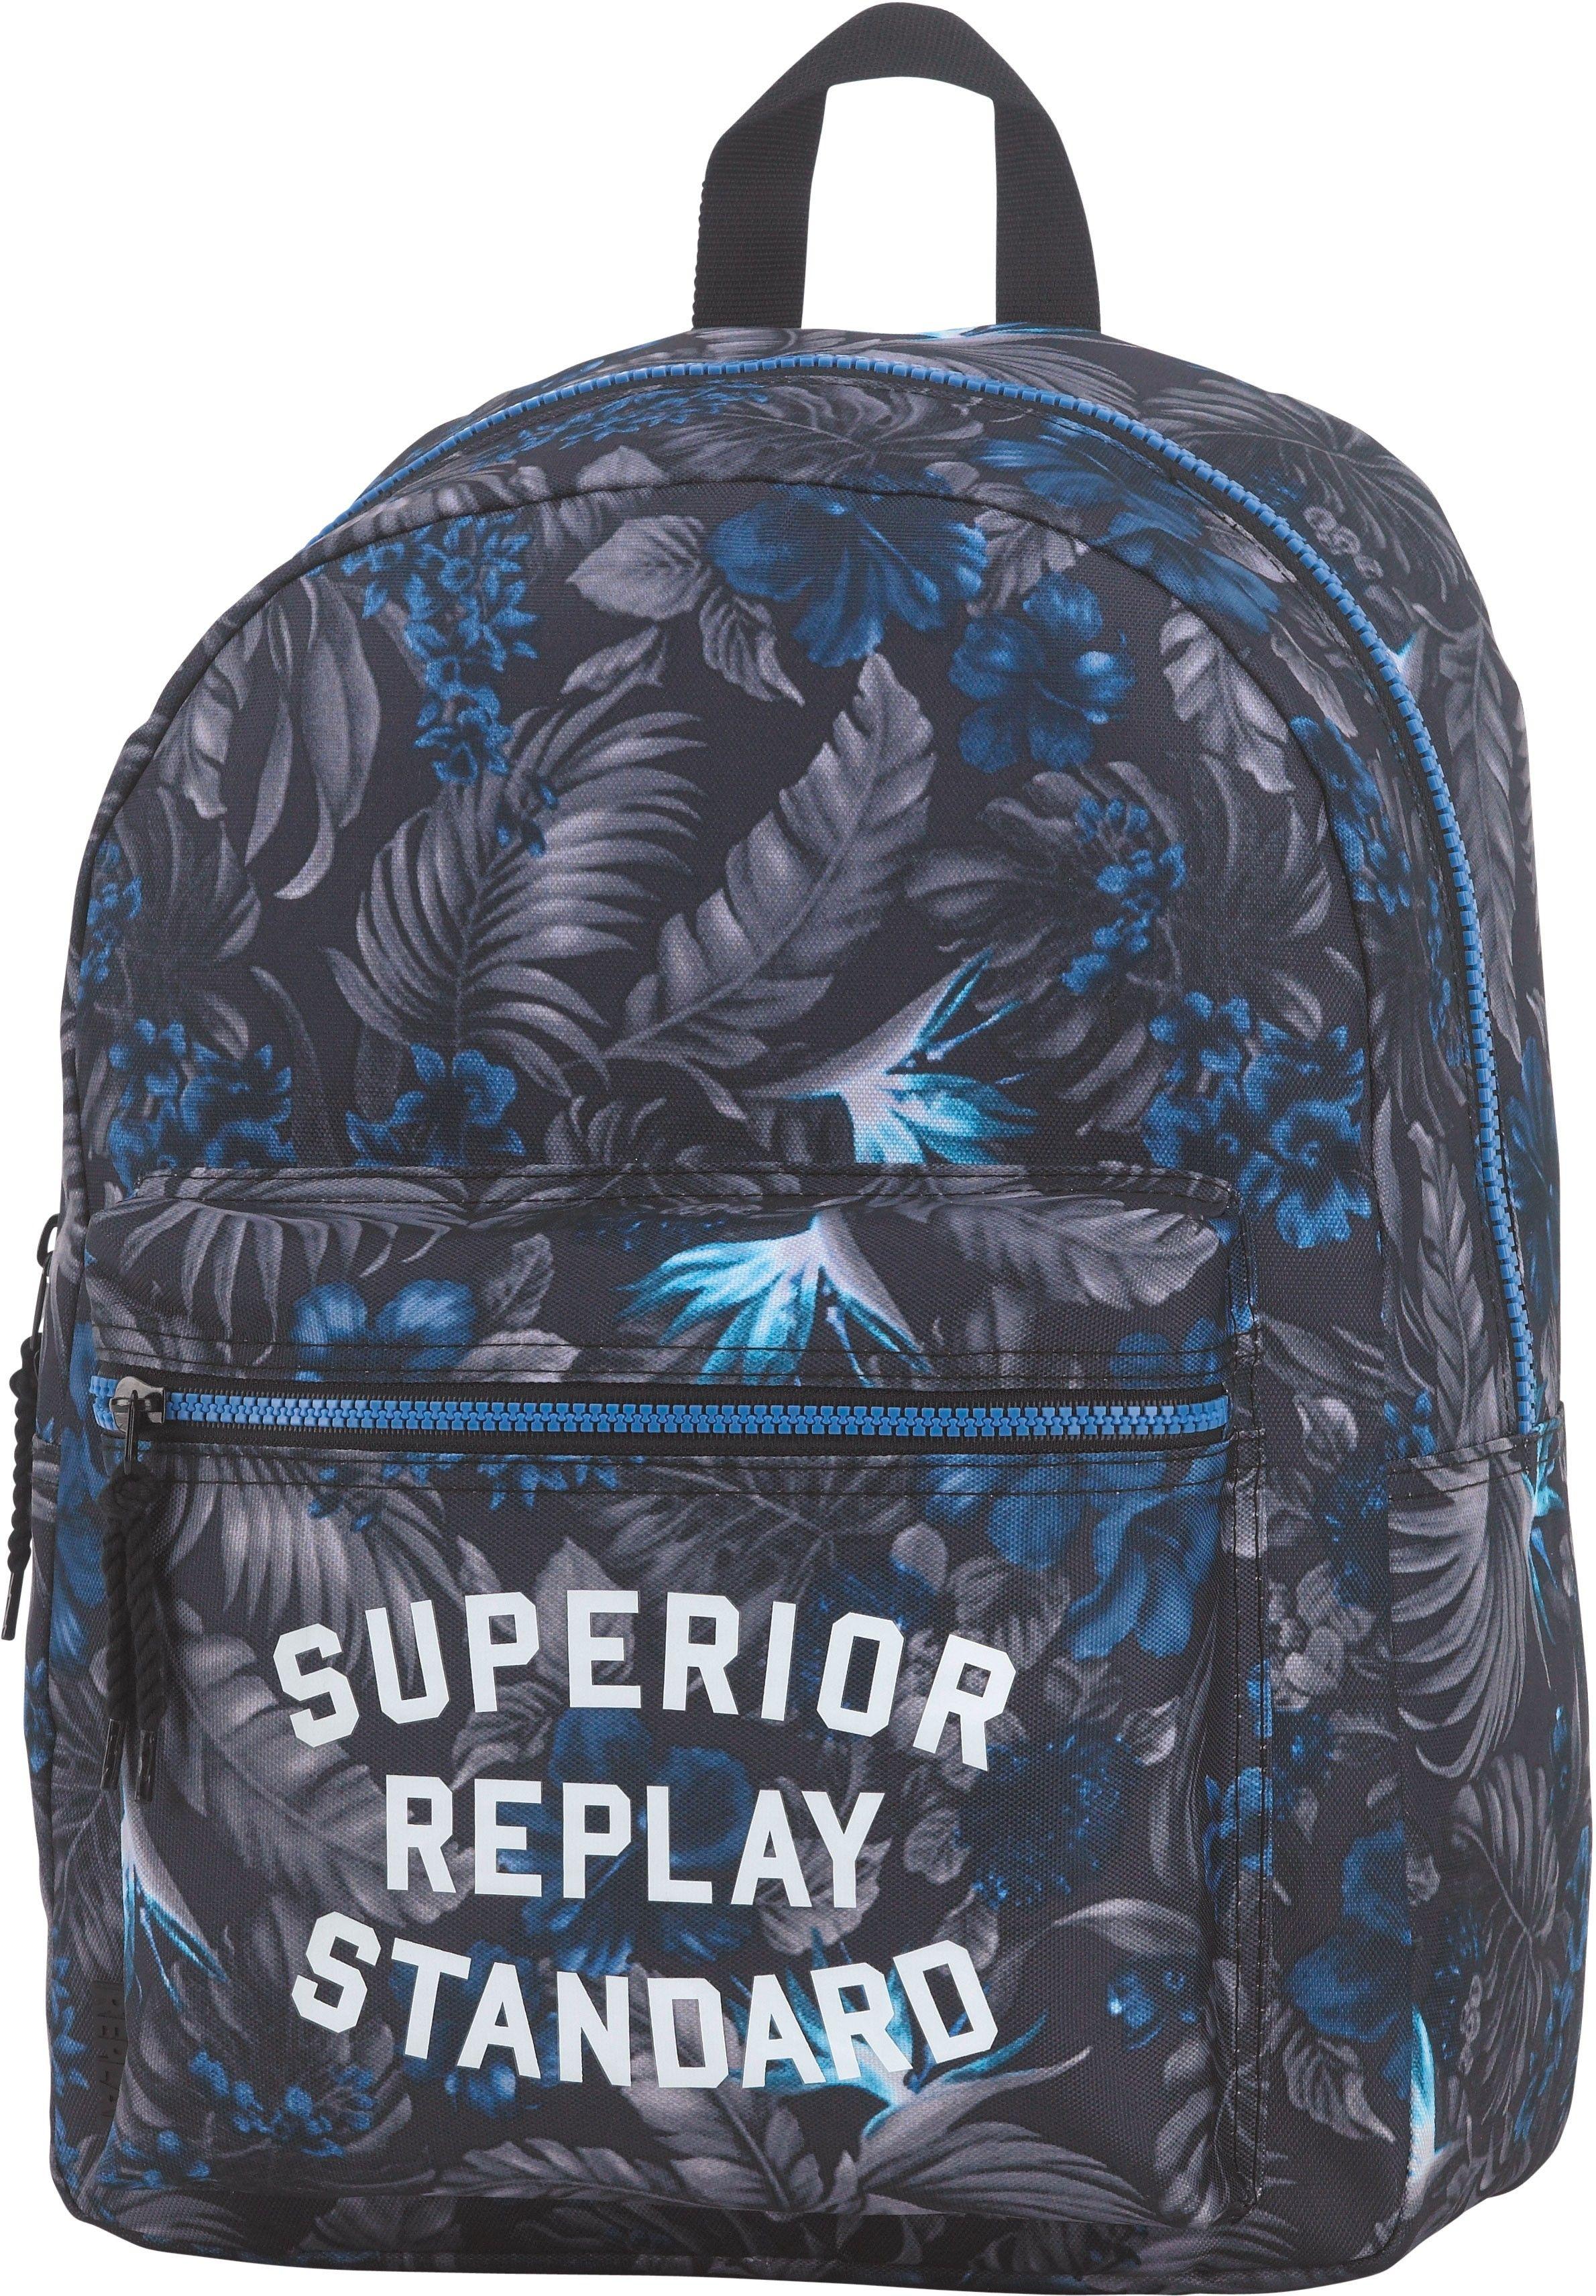 659955a2447 Neem al je speelgoed, schoolboeken en sportartikelen mee in deze nieuwe  rugzak van Replay.